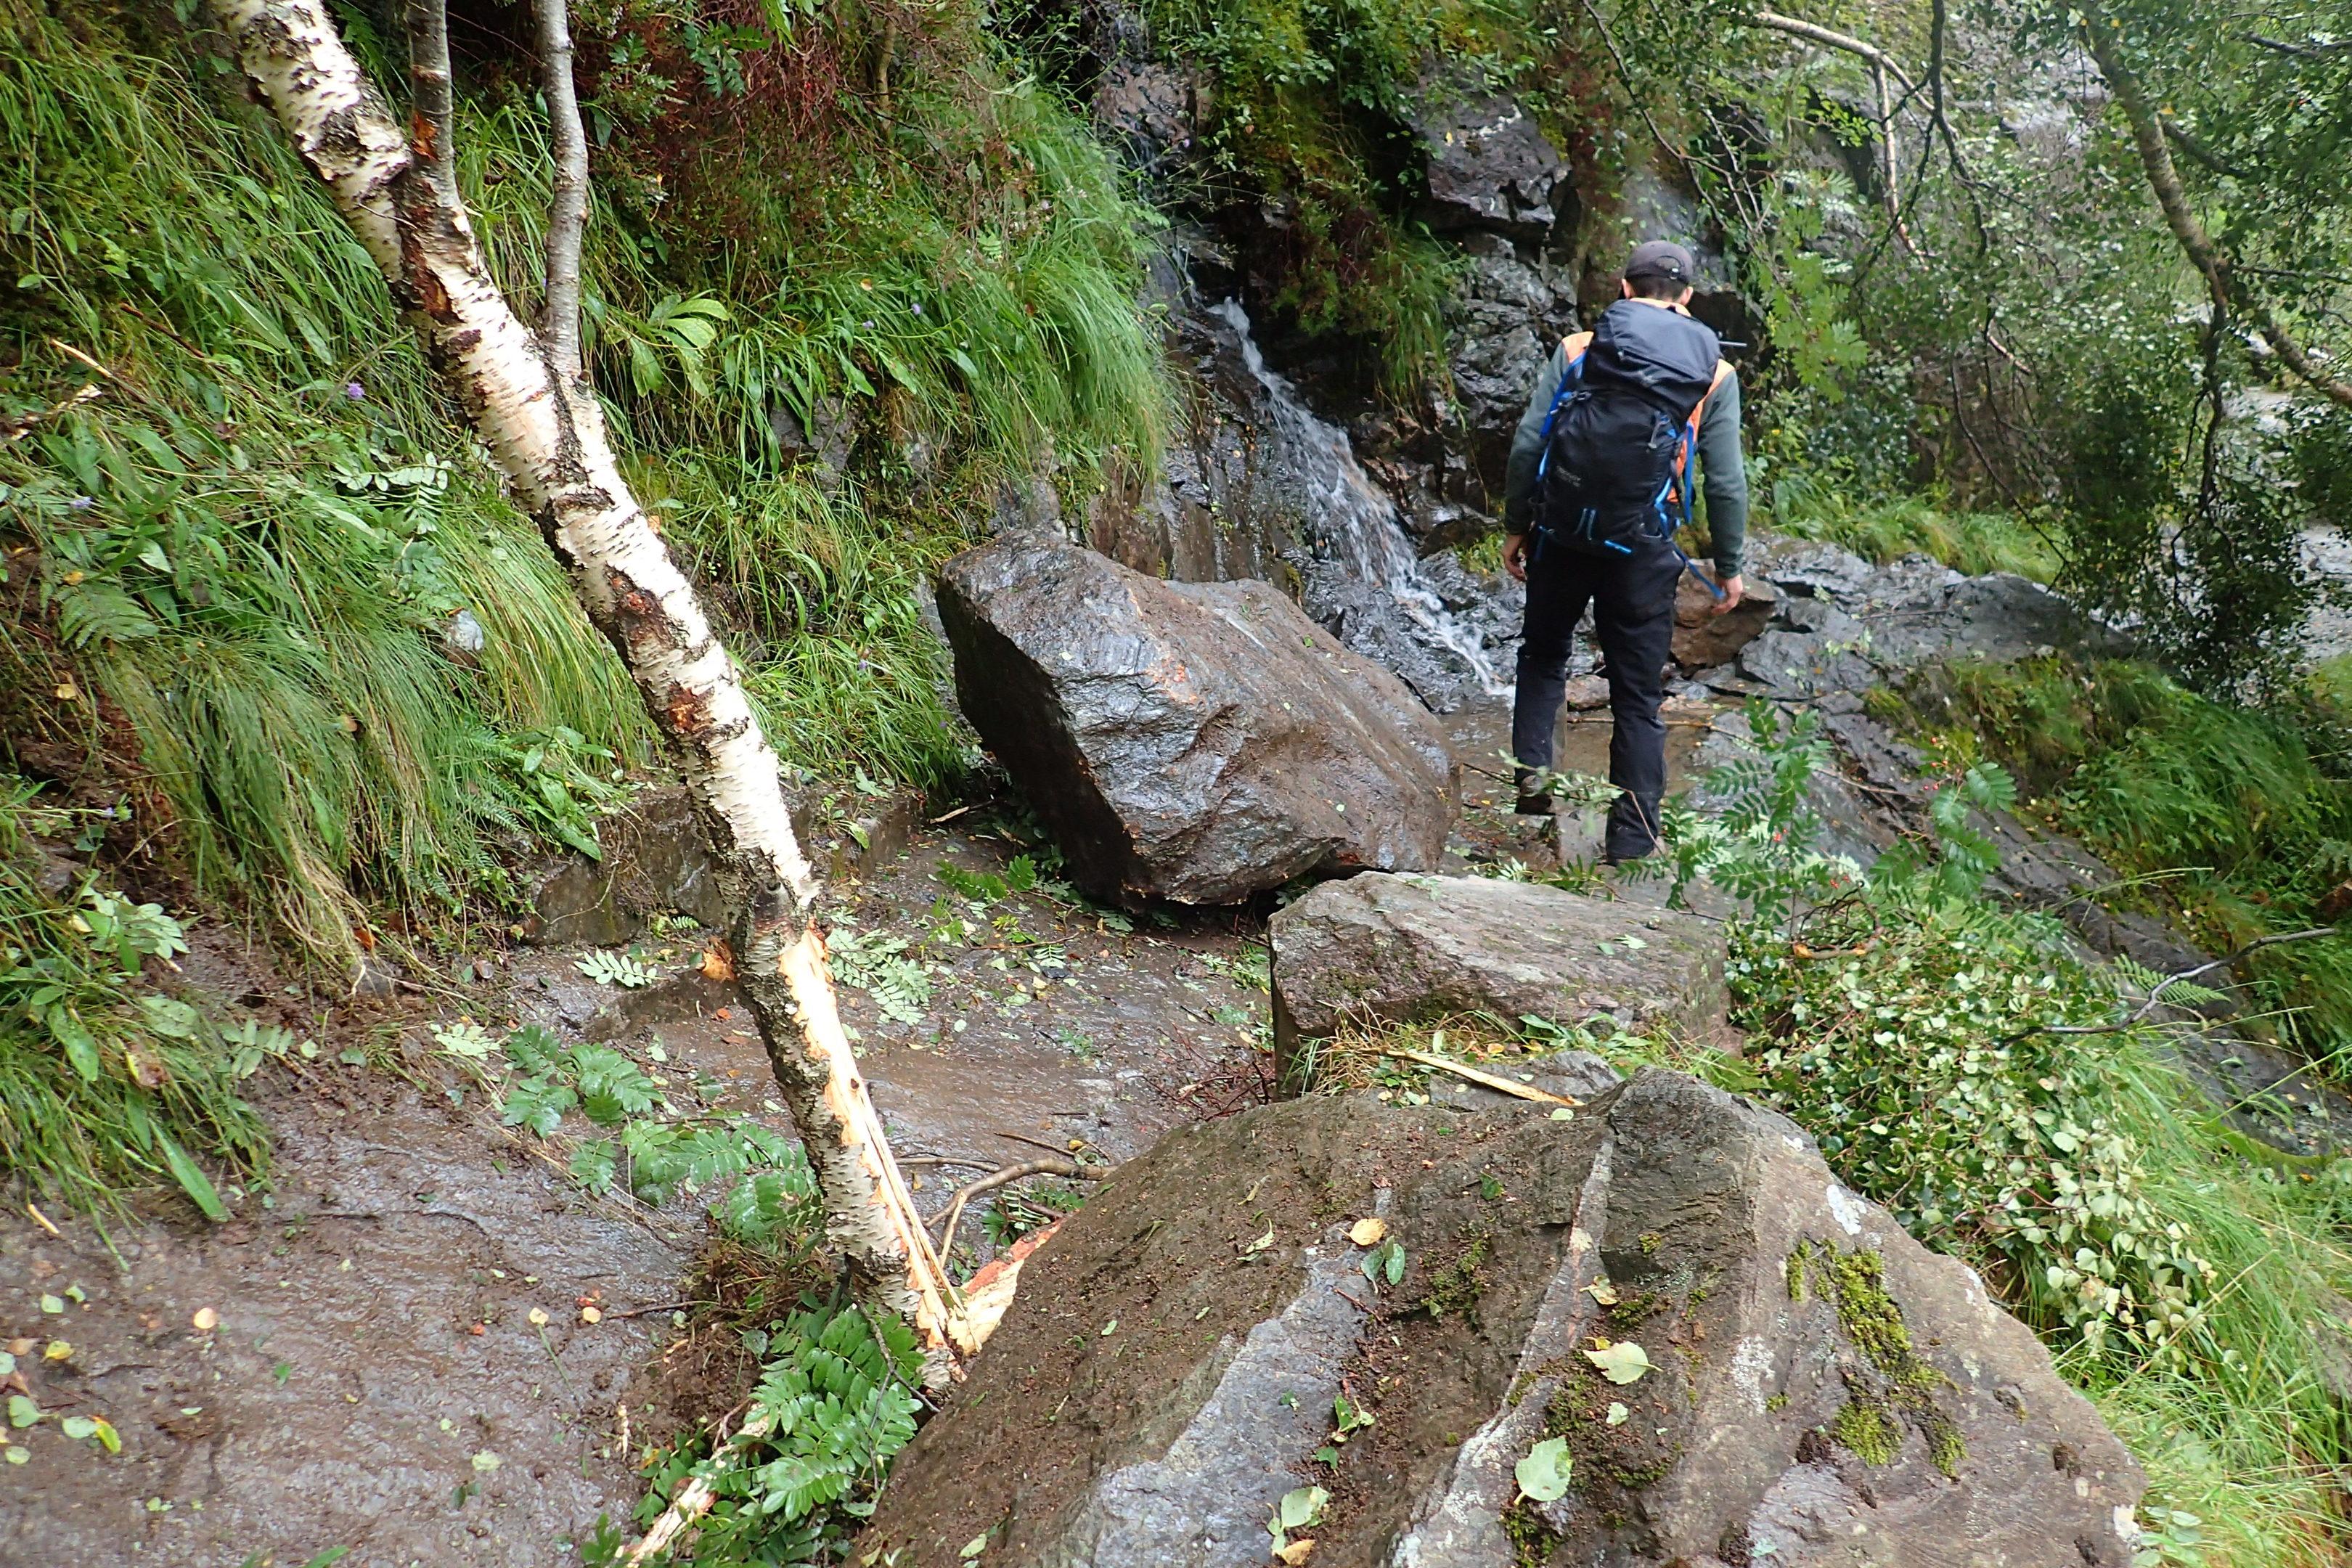 Large rocks blocking the Steall Gorge footpath after the landslide